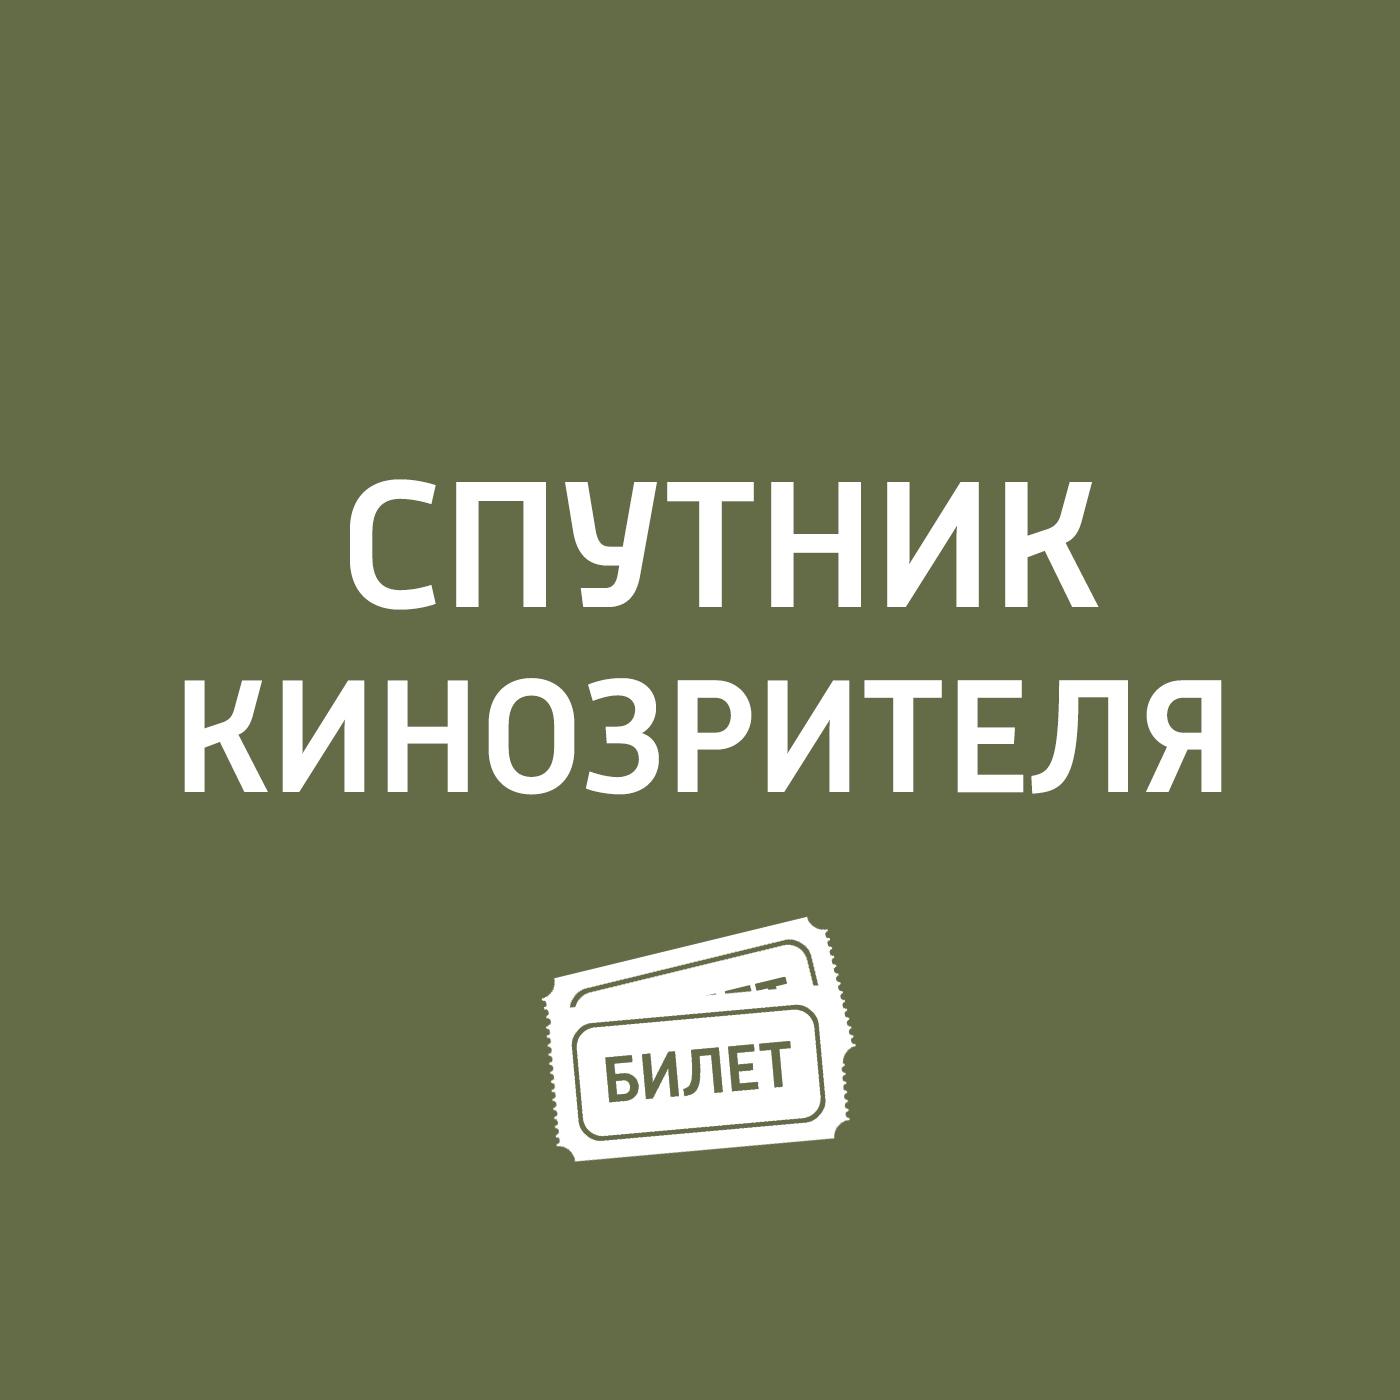 Антон Долин Антон посмотрел фильм «Рай